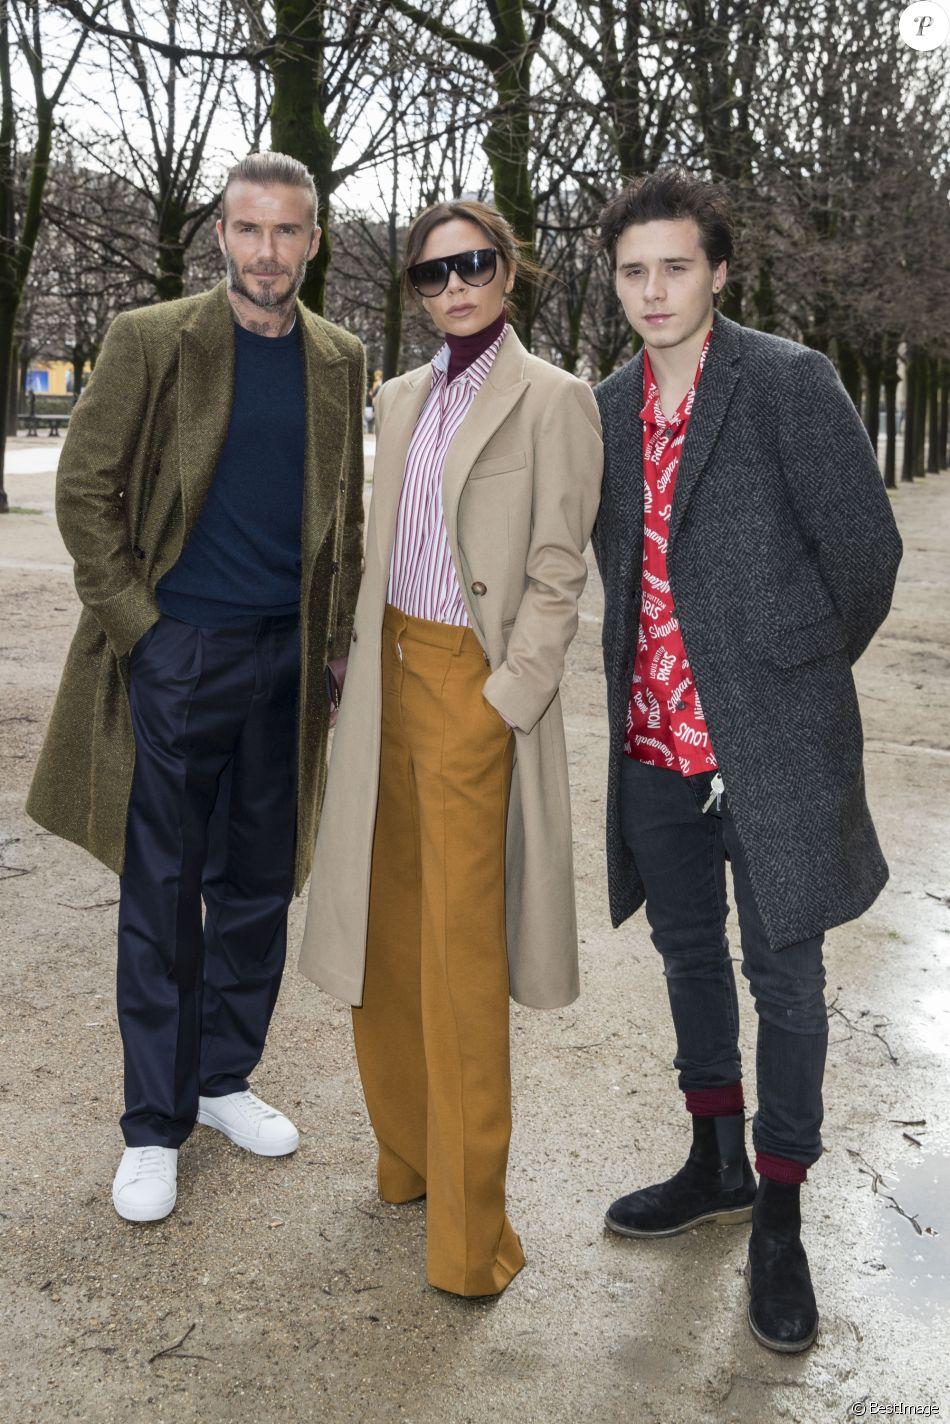 David Beckham, sa femme Victoria et leur fils Brooklyn au défilé de mode Louis Vuitton homme automne-hiver 2018-2019 au Palais Royal à Paris. Le 18 janvier 2018 © Olivier Borde / Bestimage